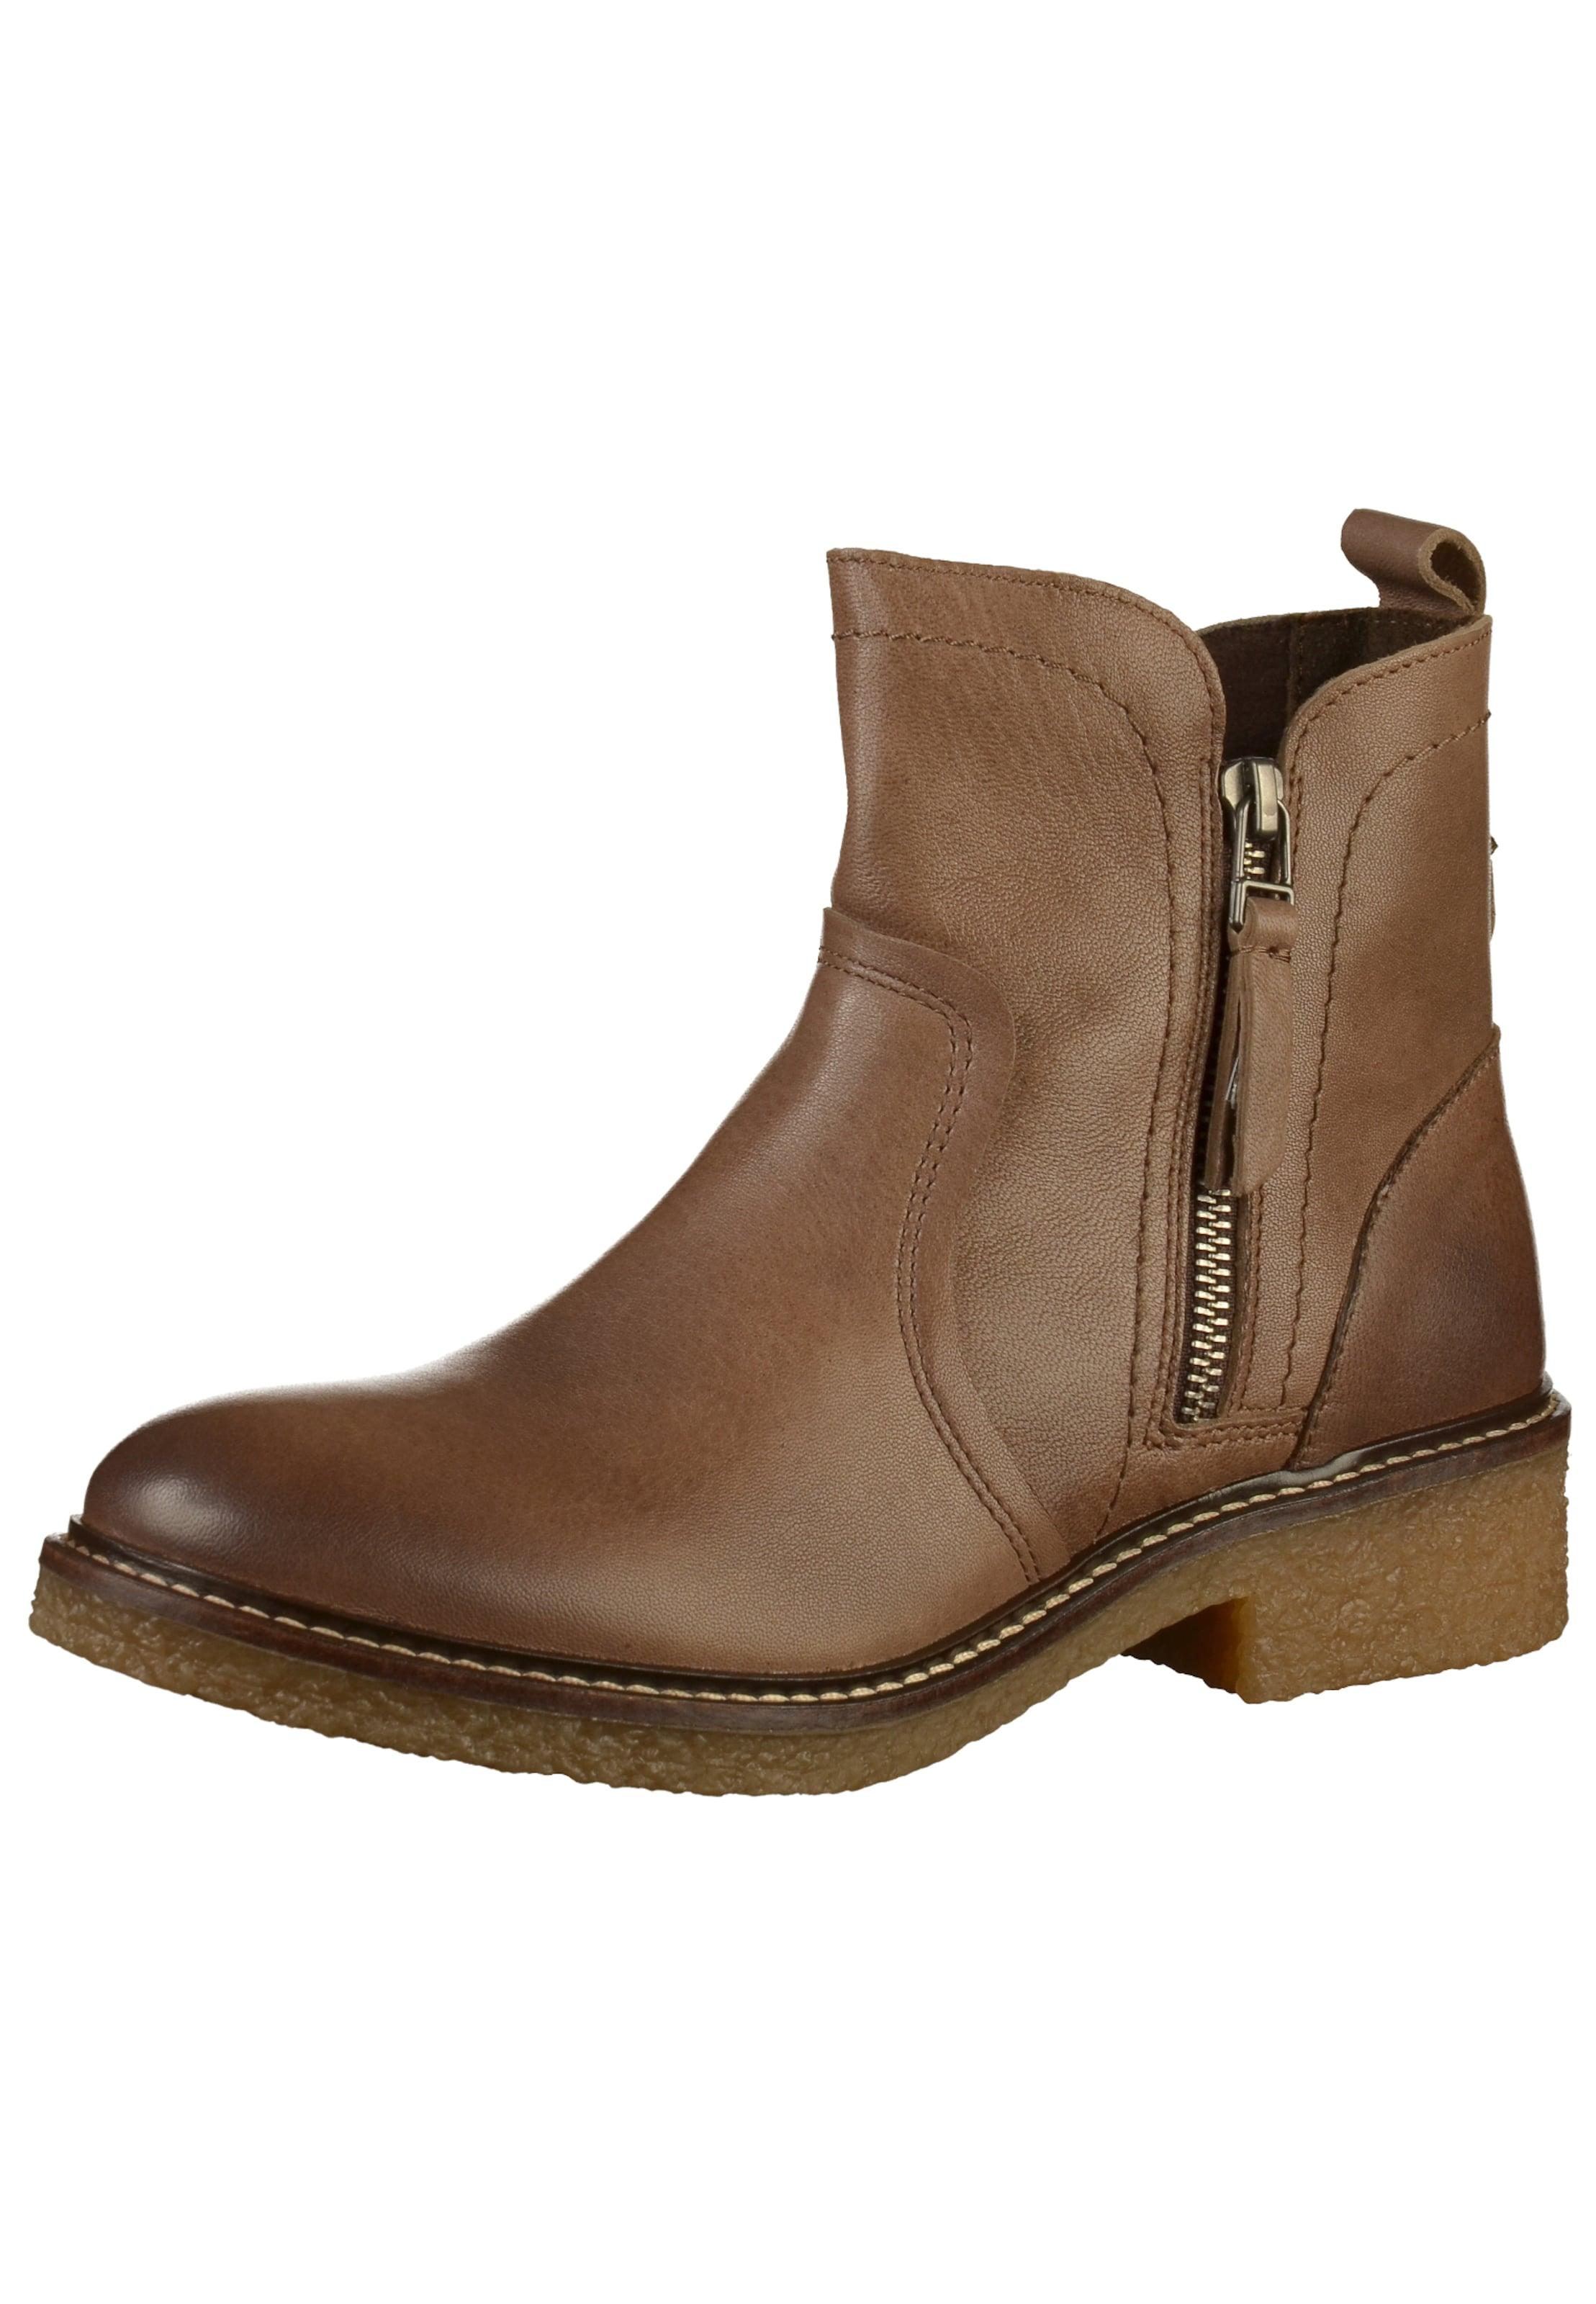 CAMEL Stiefelette ACTIVE Stiefelette CAMEL Verschleißfeste billige Schuhe b8b43a